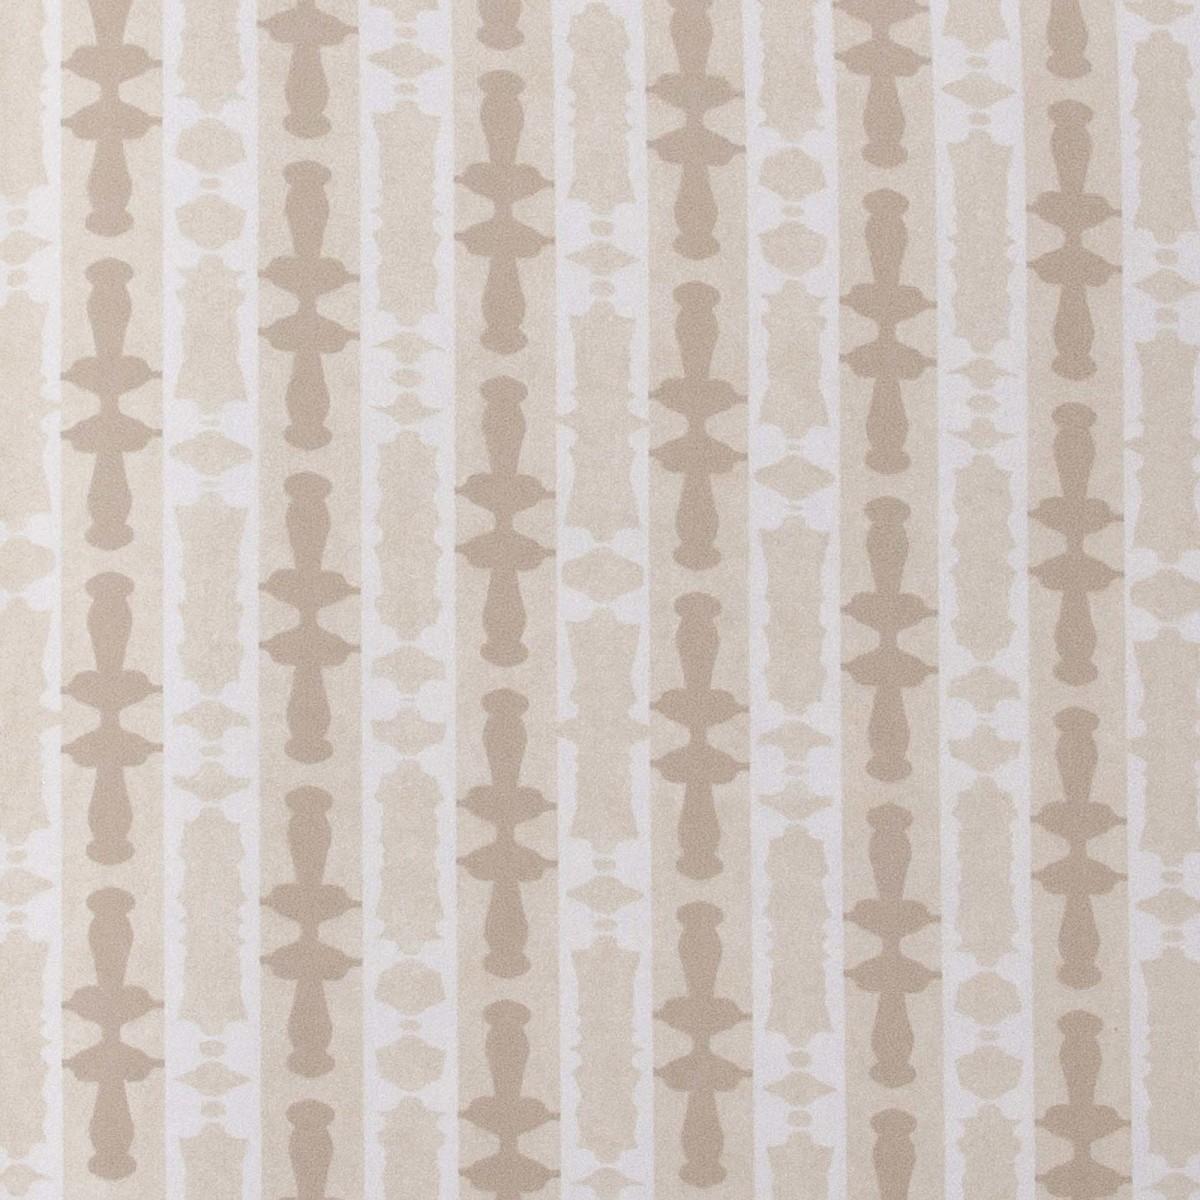 Обои флизелиновые Aquarelle De Somero коричневые 0.53 м 6660-4